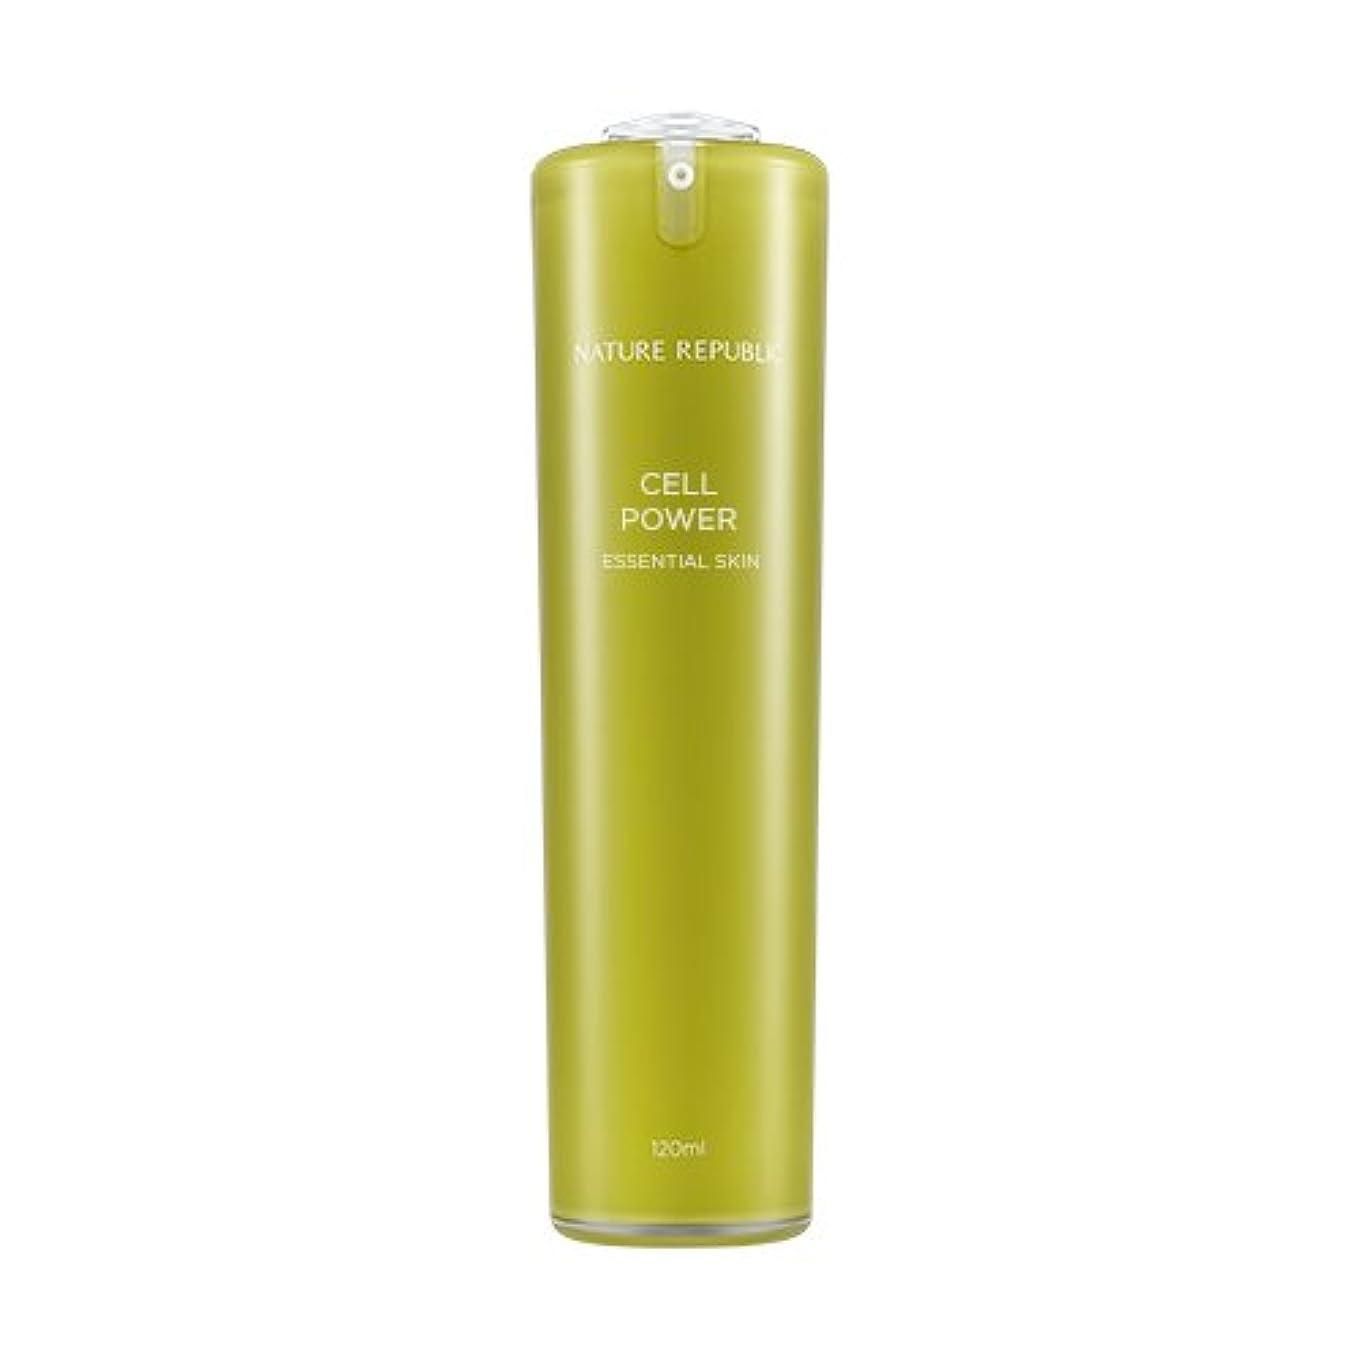 によって依存する飛び込むNATURE REPUBLIC Cell Power Essential Skin / ネイチャーリパブリックセルパワーエッセンシャルスキン 120ml [並行輸入品]